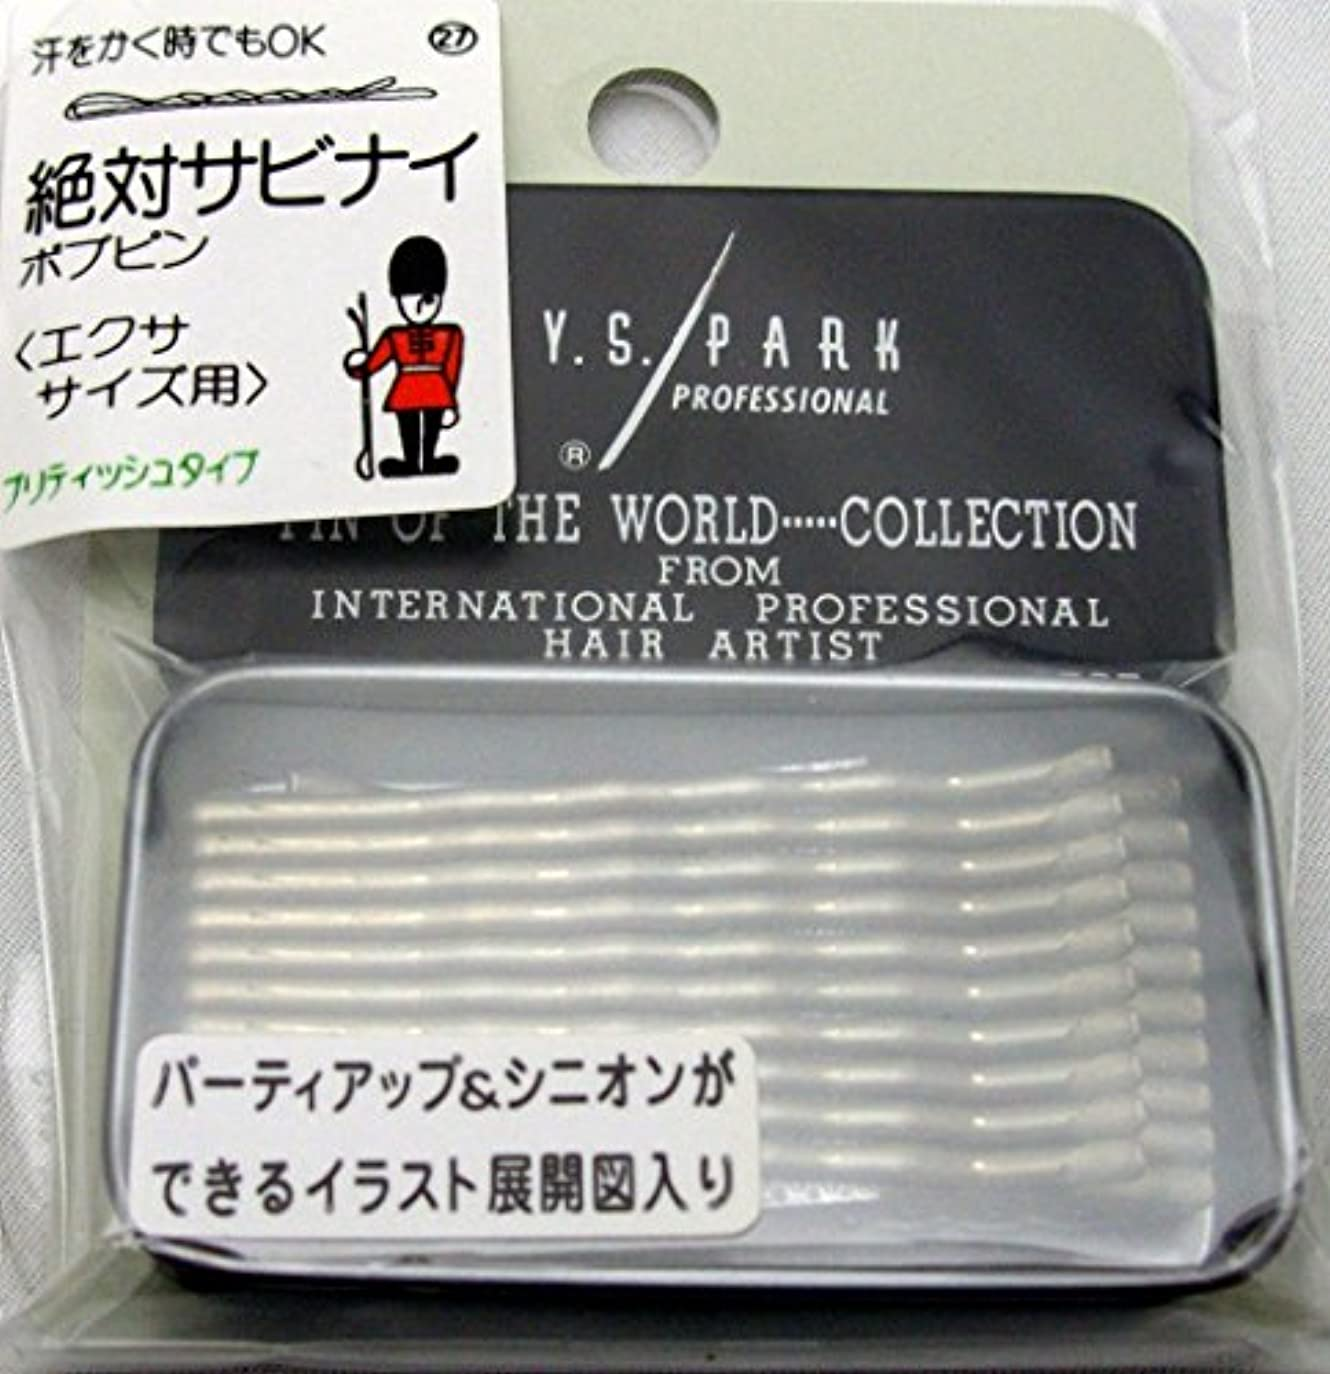 コントラストバーマド会うY.S.PARK 世界のヘアピンコレクションNo.27(エクササイズ用)ステンレス製(シルバー)20P